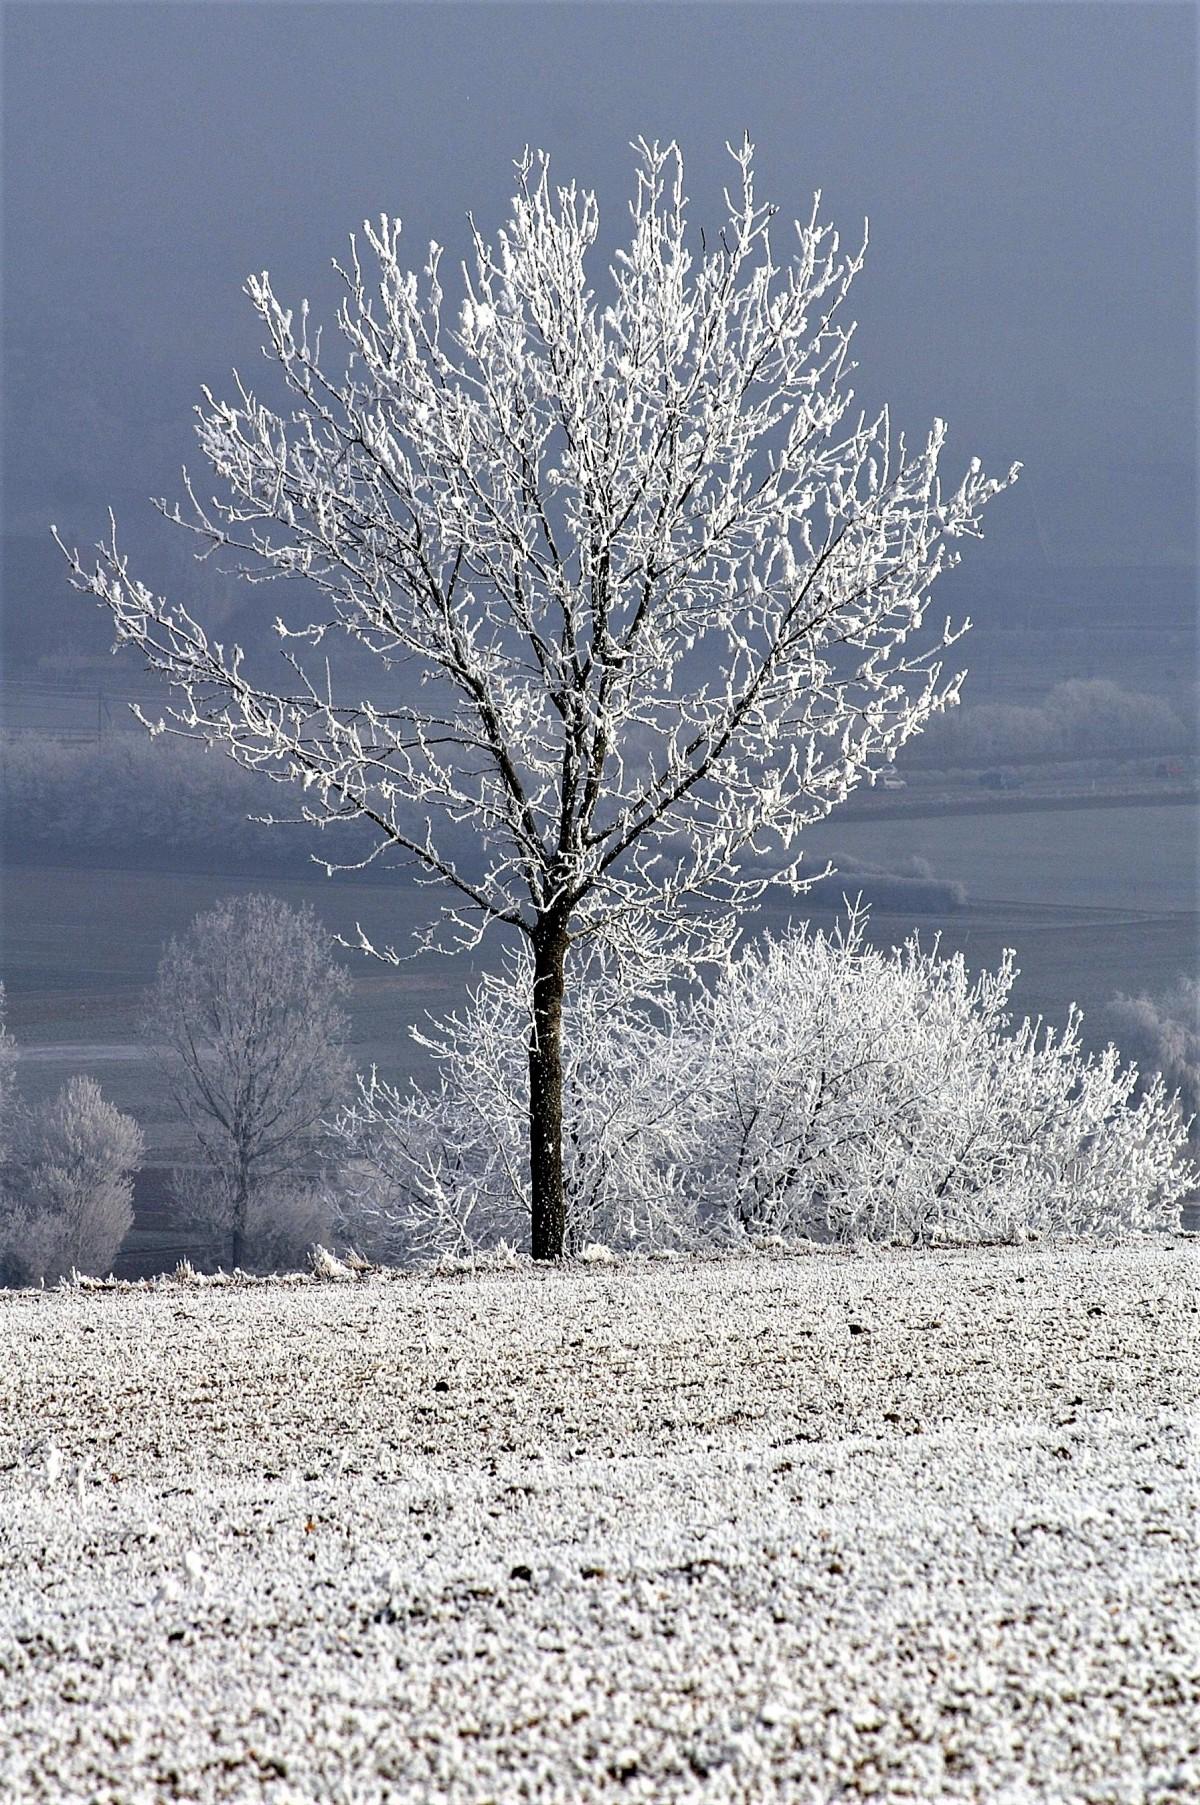 картинка дерево зимой без снега такой картины подойдет